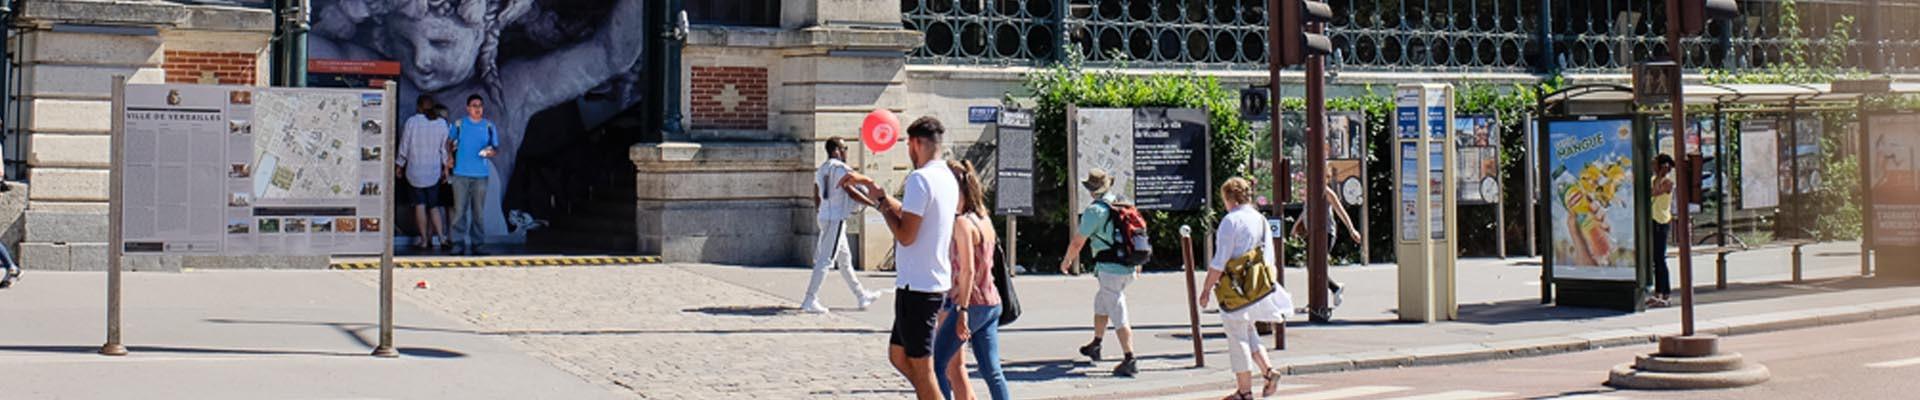 Estación Versailles Rive-Gauche y mapa de la ciudad